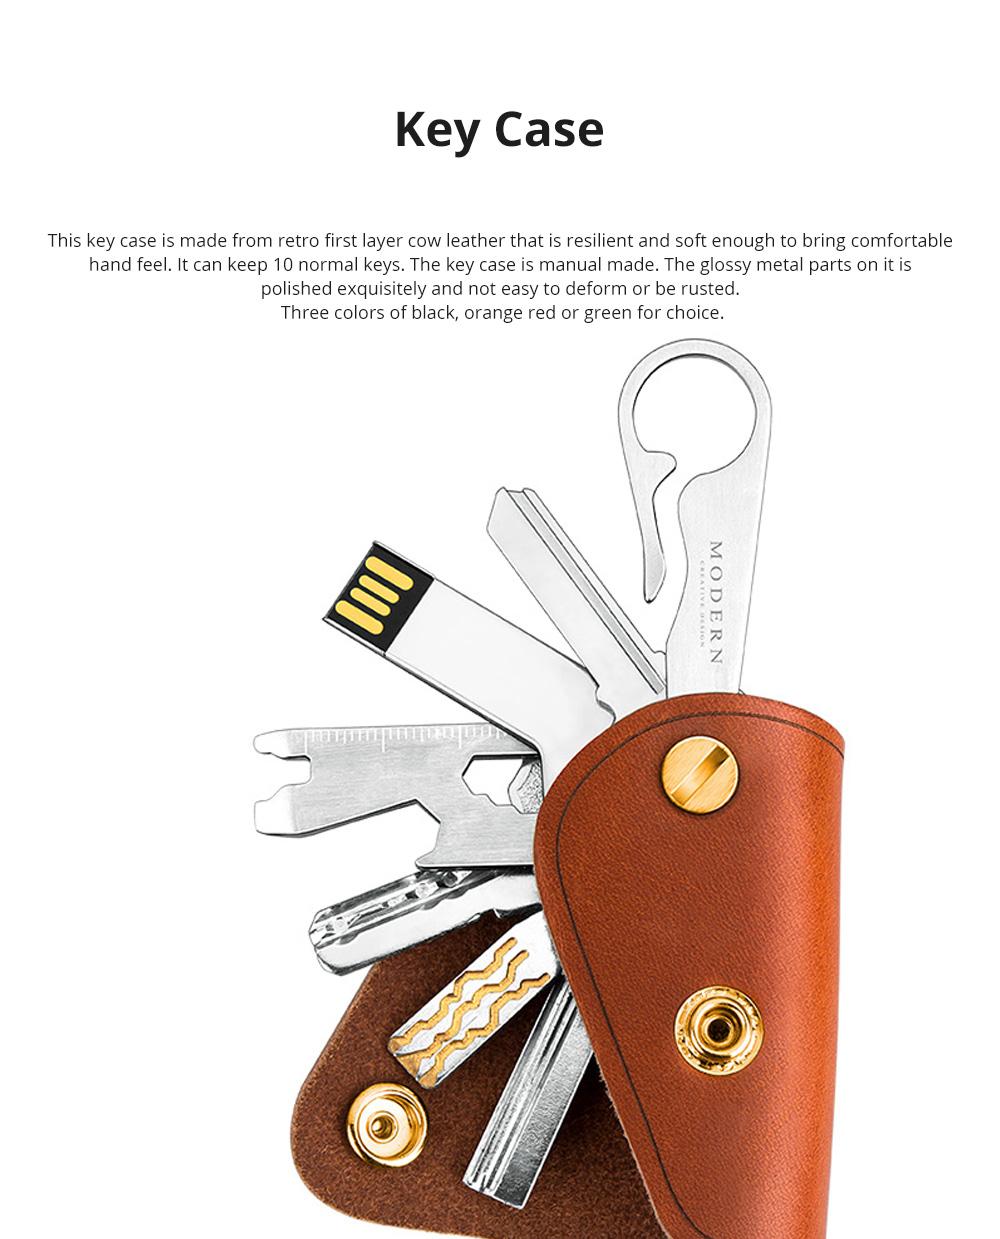 Retro Key Case for Key Storage Creative Real Cow Leather Key Storage Bag Soft Resilient Key Case Large Size Key Holder 0